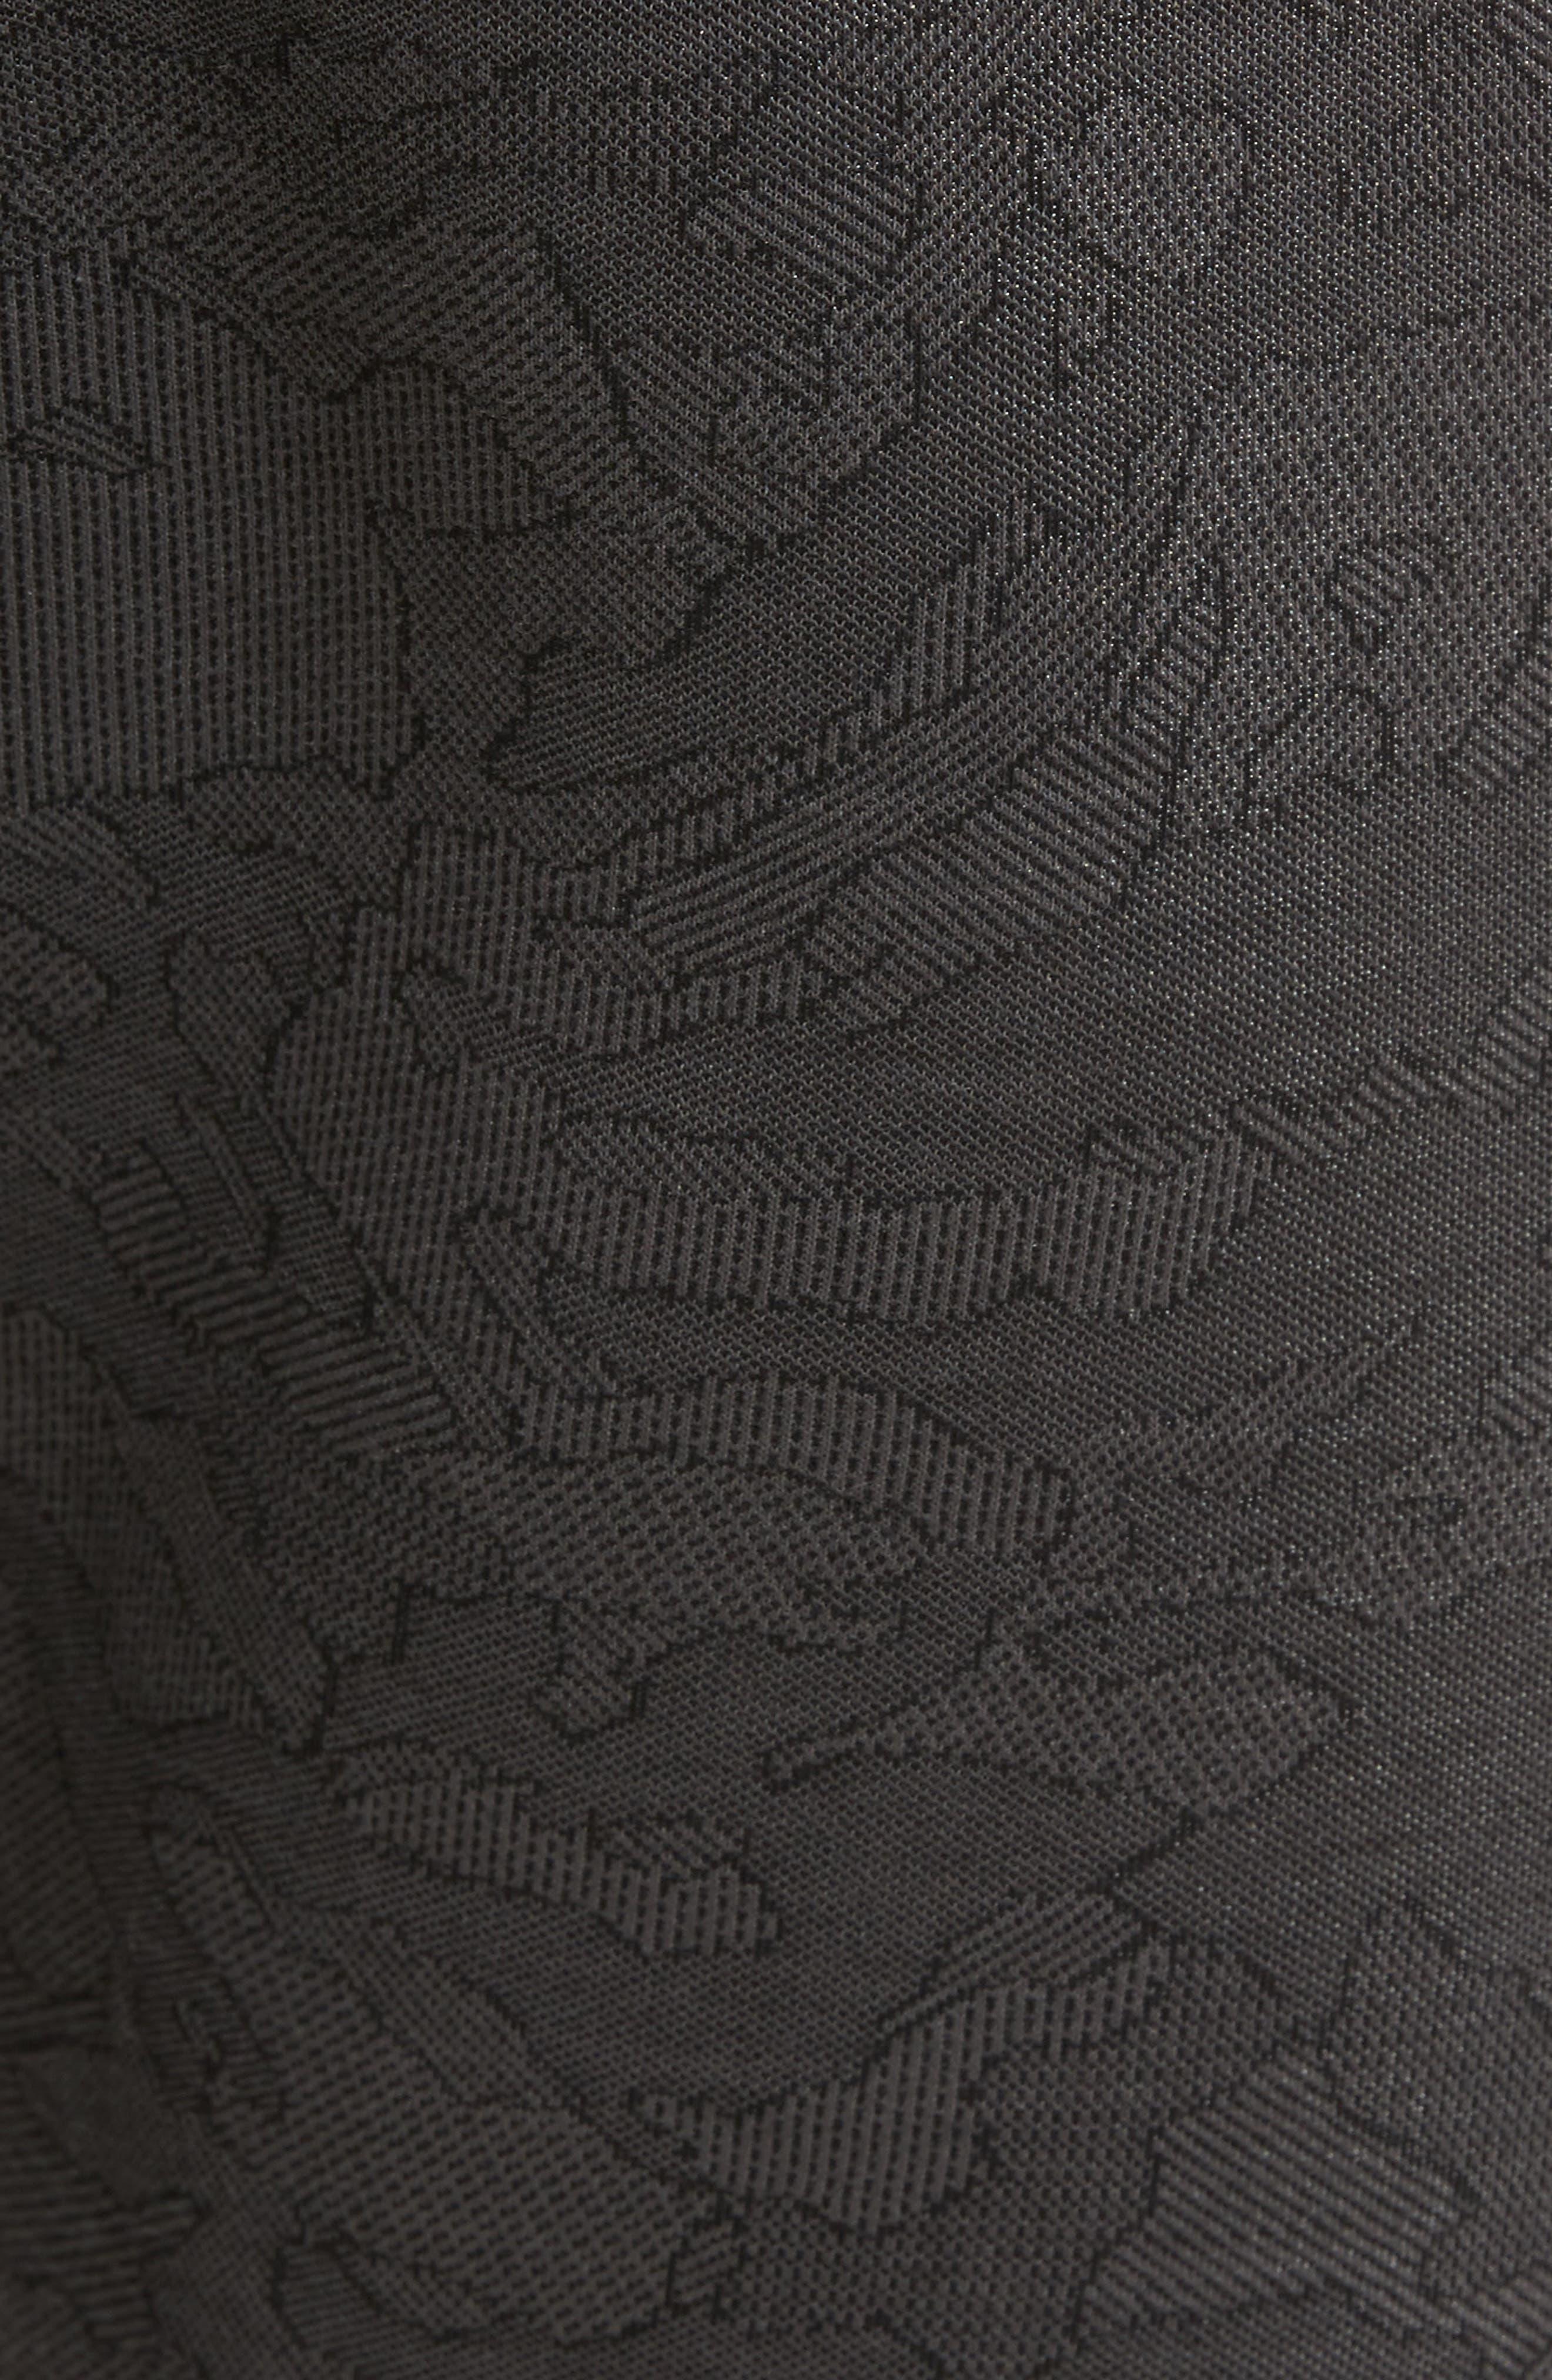 Tech Fleece Pants,                             Alternate thumbnail 5, color,                             038